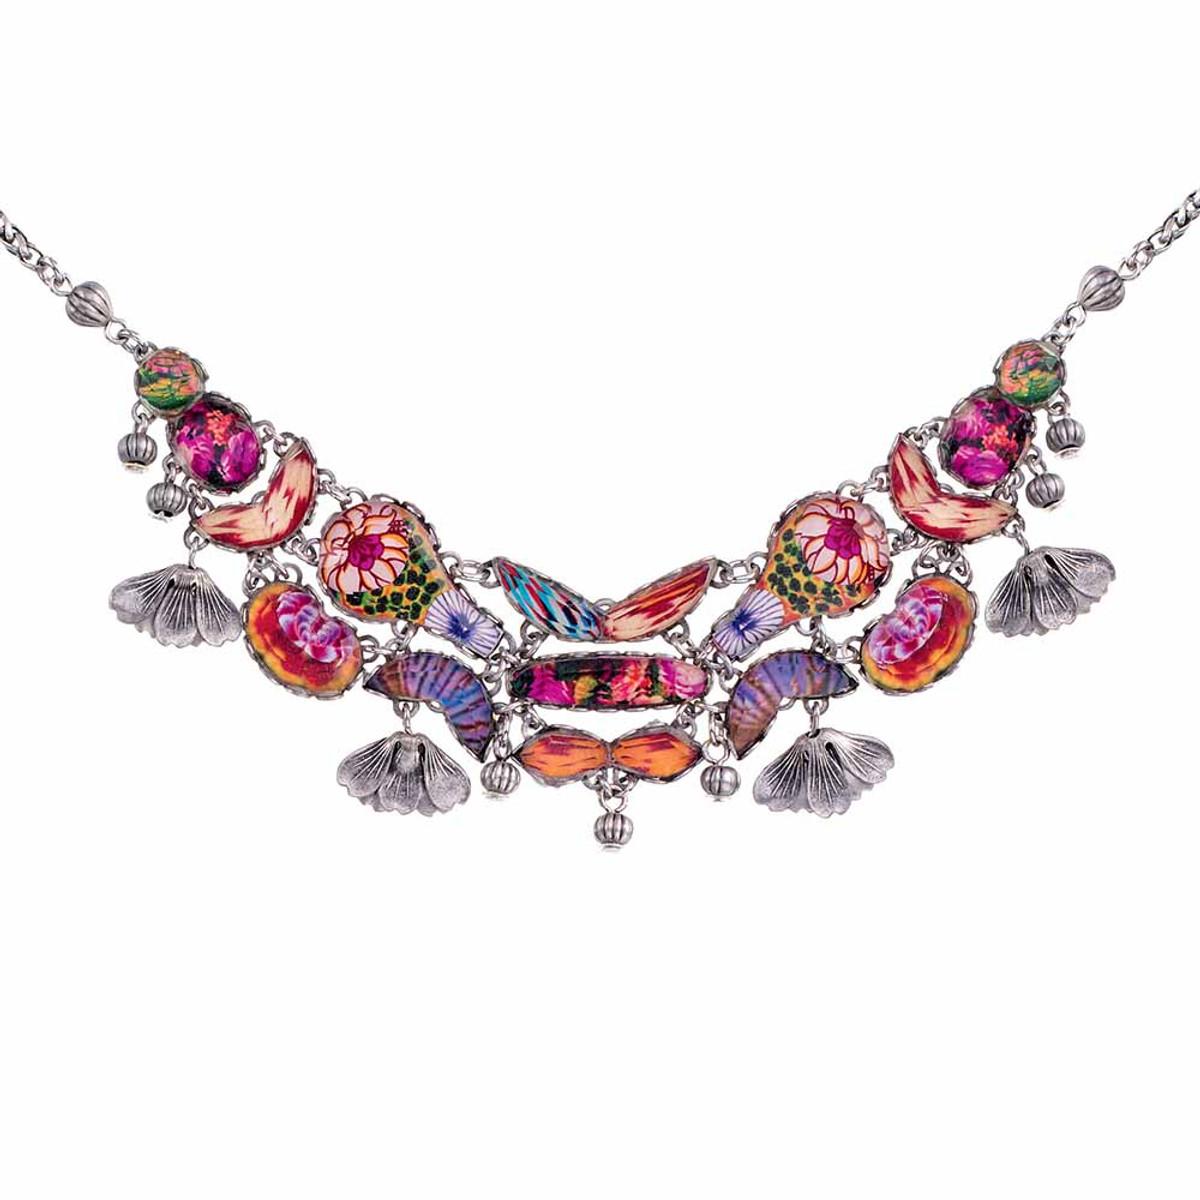 Ayala Bar Electric Ladyland Rainbow Necklace